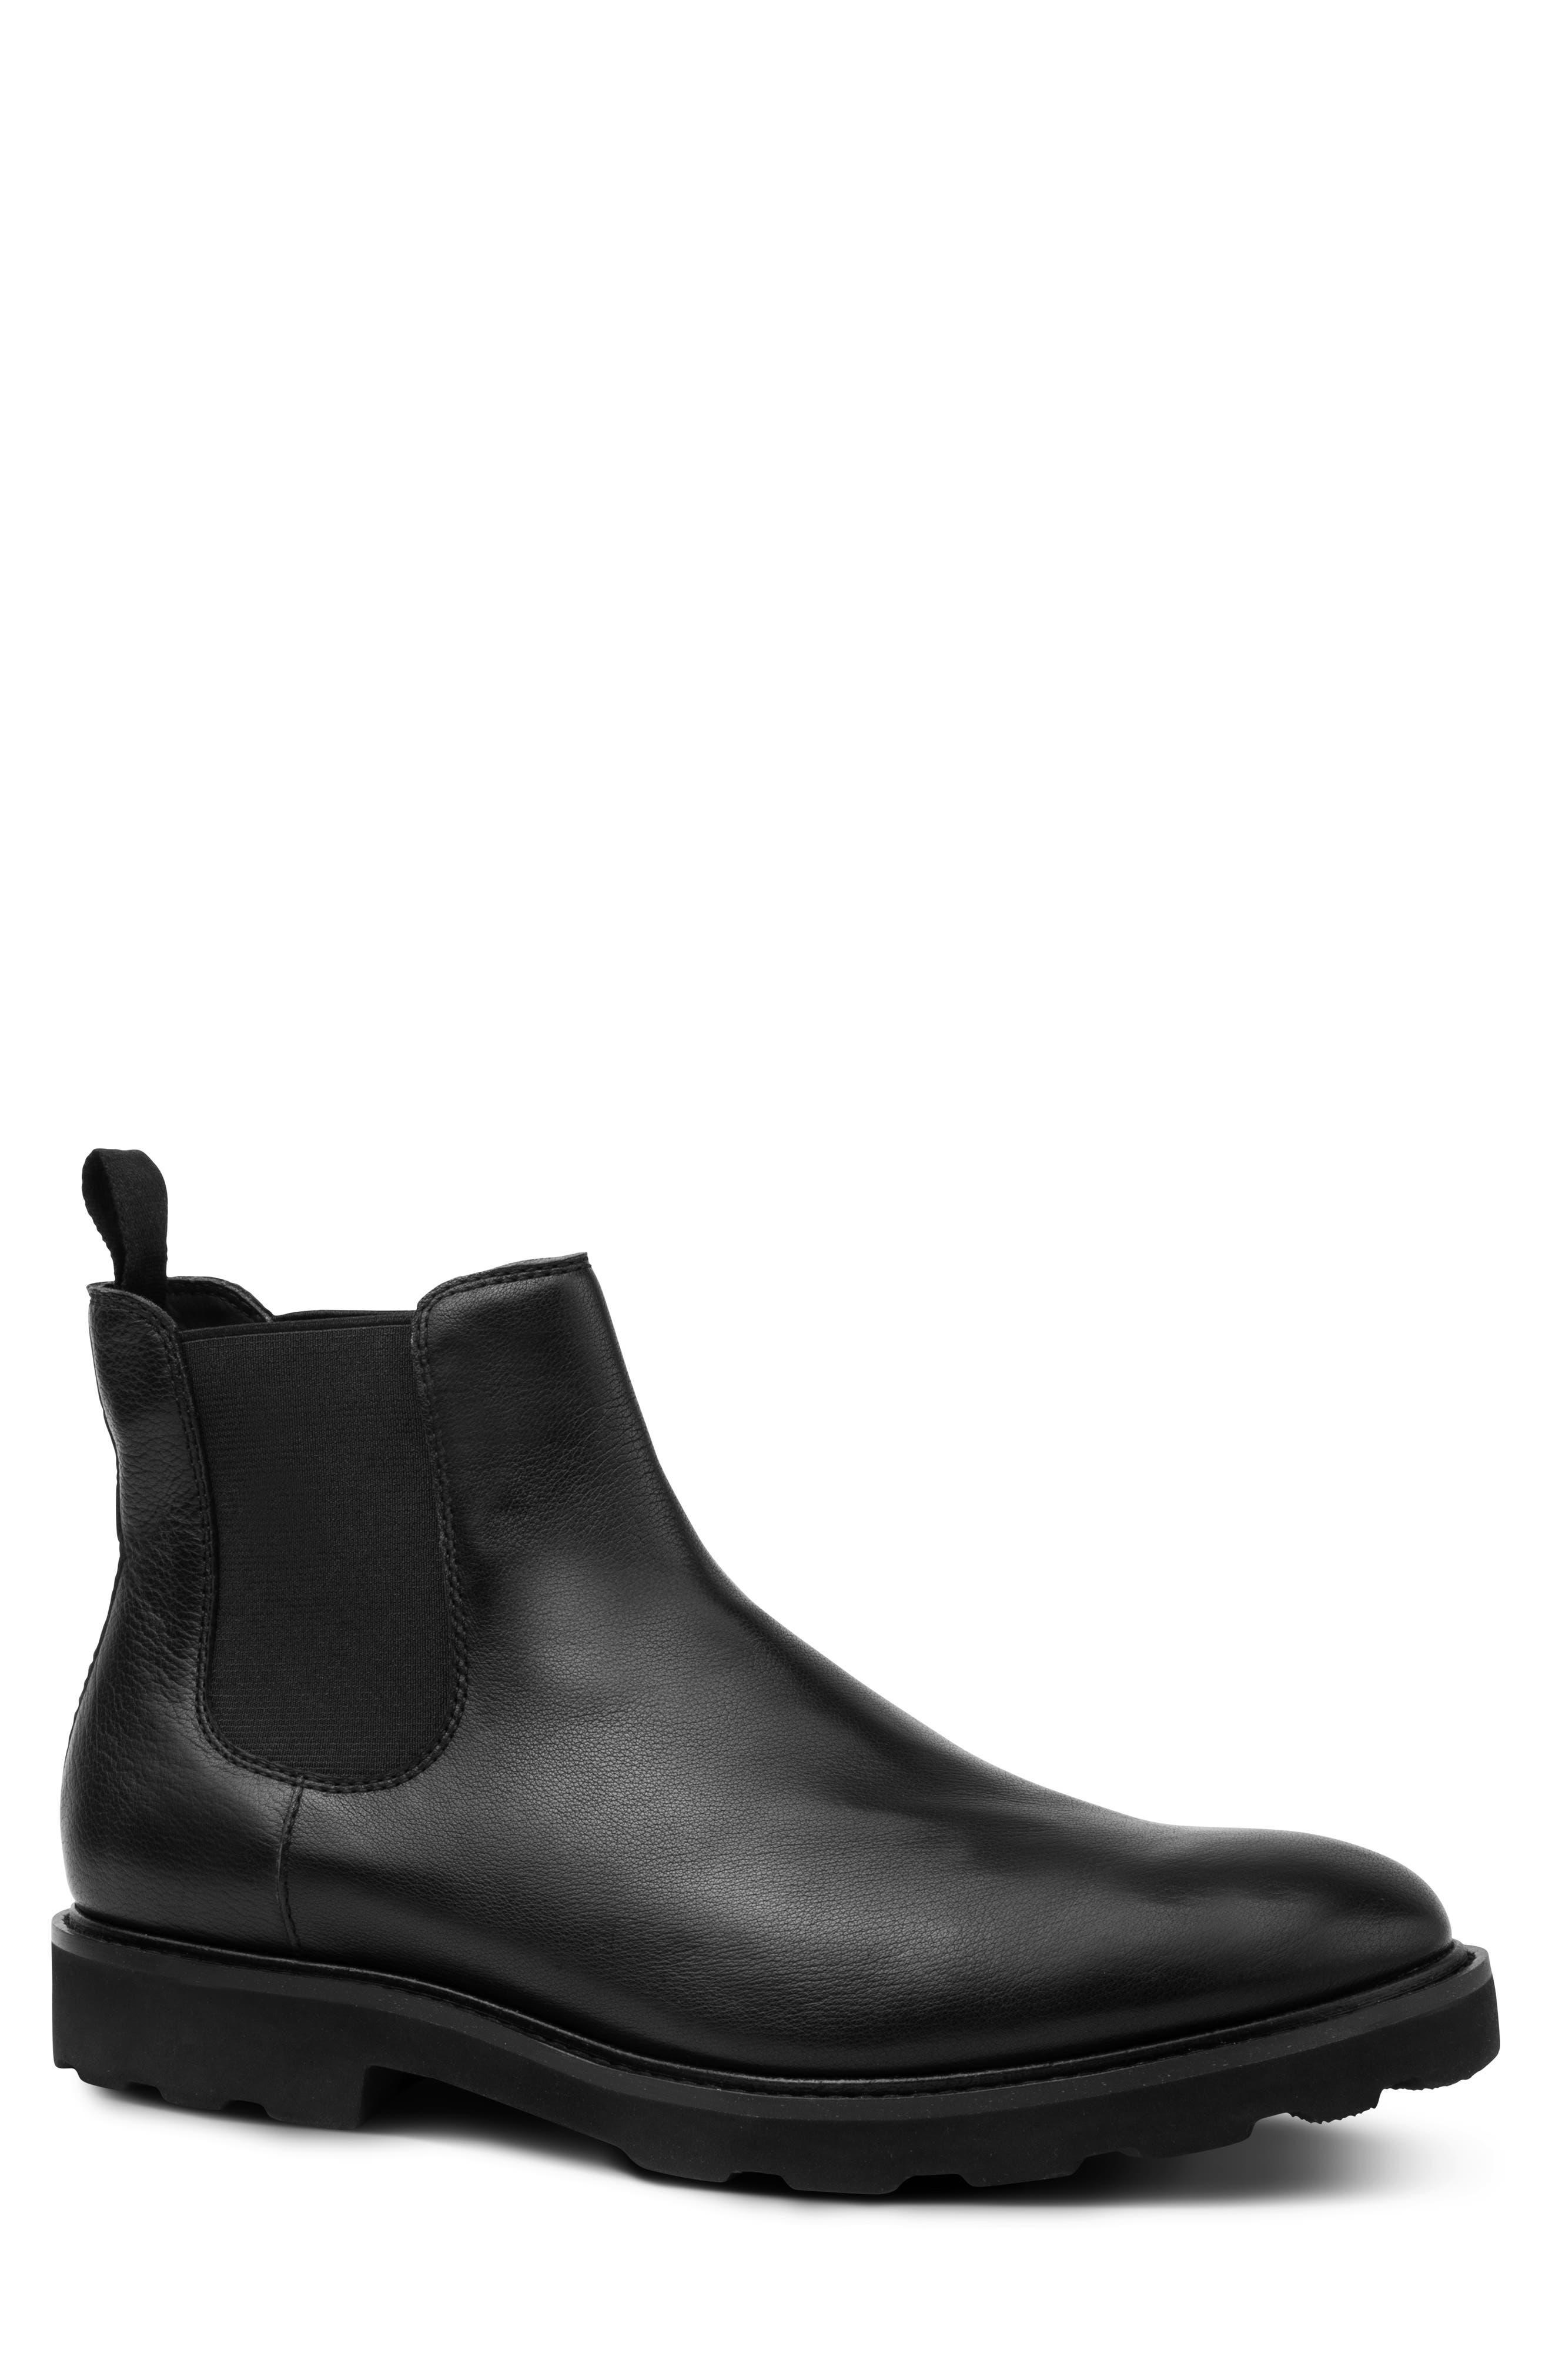 Morrison Chelsea Boot